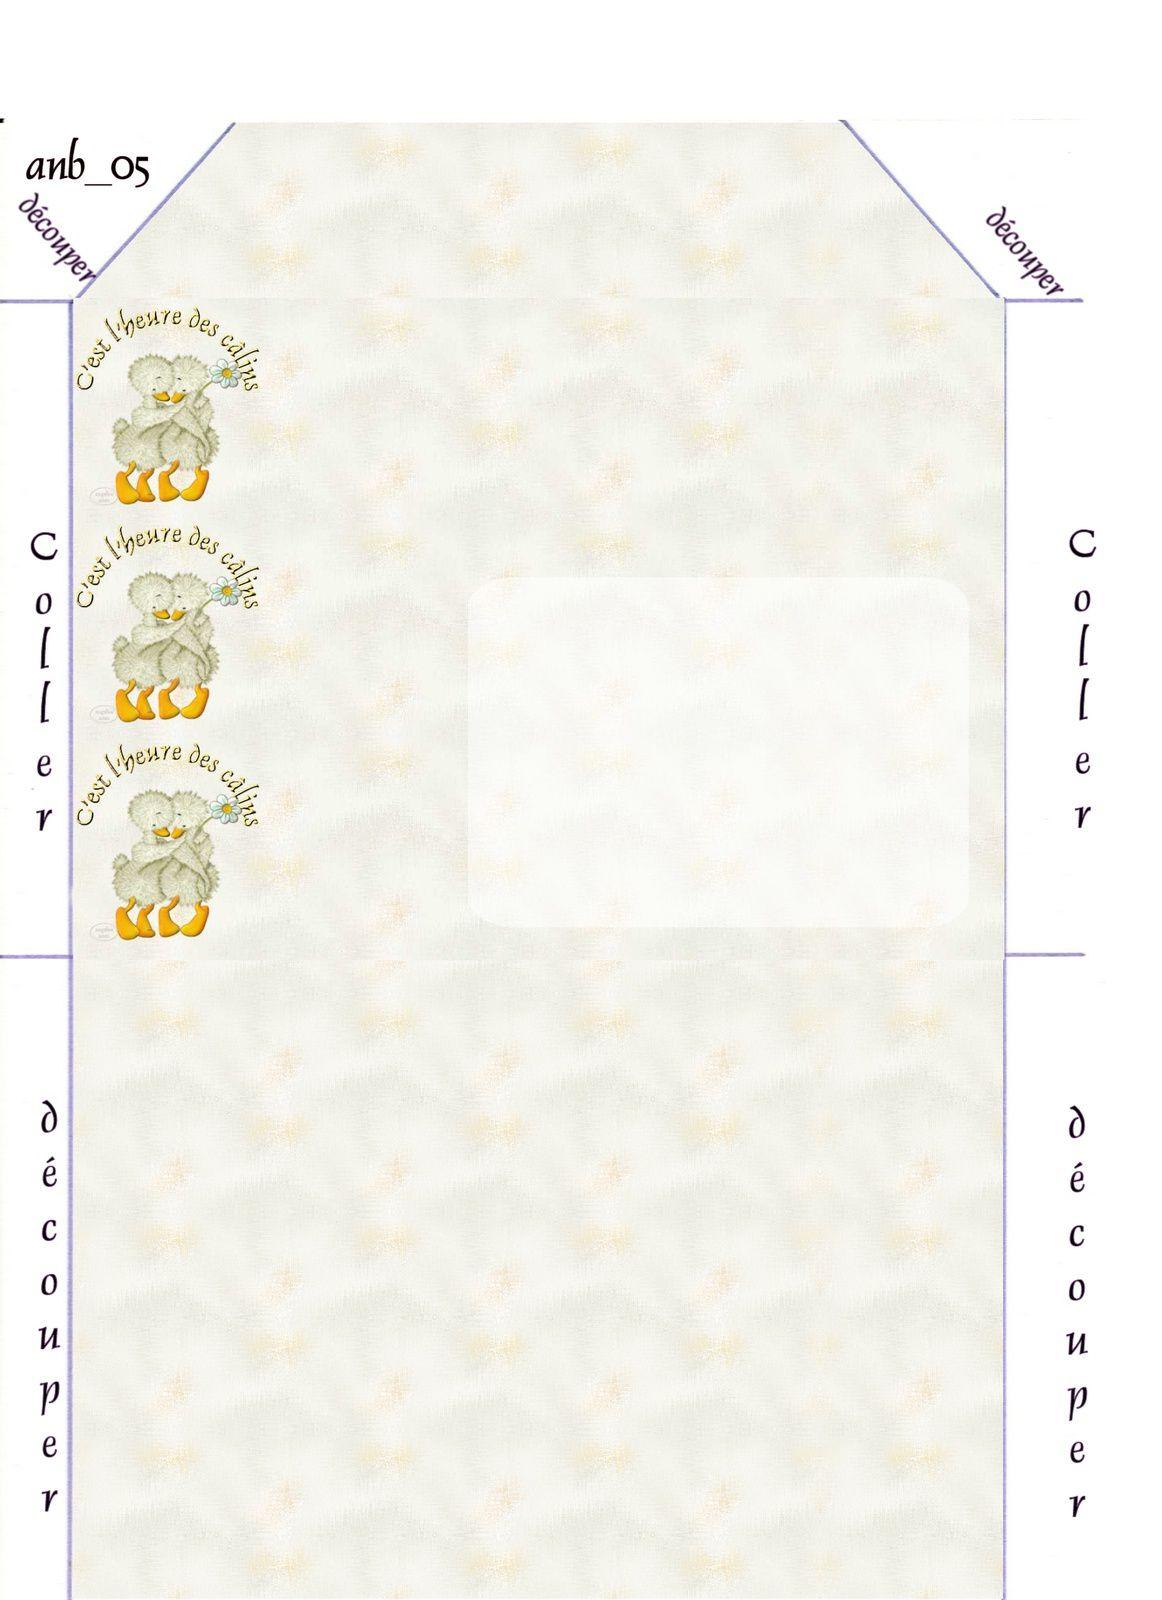 C'est l'heure des câlins Incredimail &amp&#x3B; Papier A4 h l &amp&#x3B; outlook &amp&#x3B; enveloppe &amp&#x3B; 2 cartes A5 &amp&#x3B; signets   cest_lheure_canards_kuschel_chinni16_00